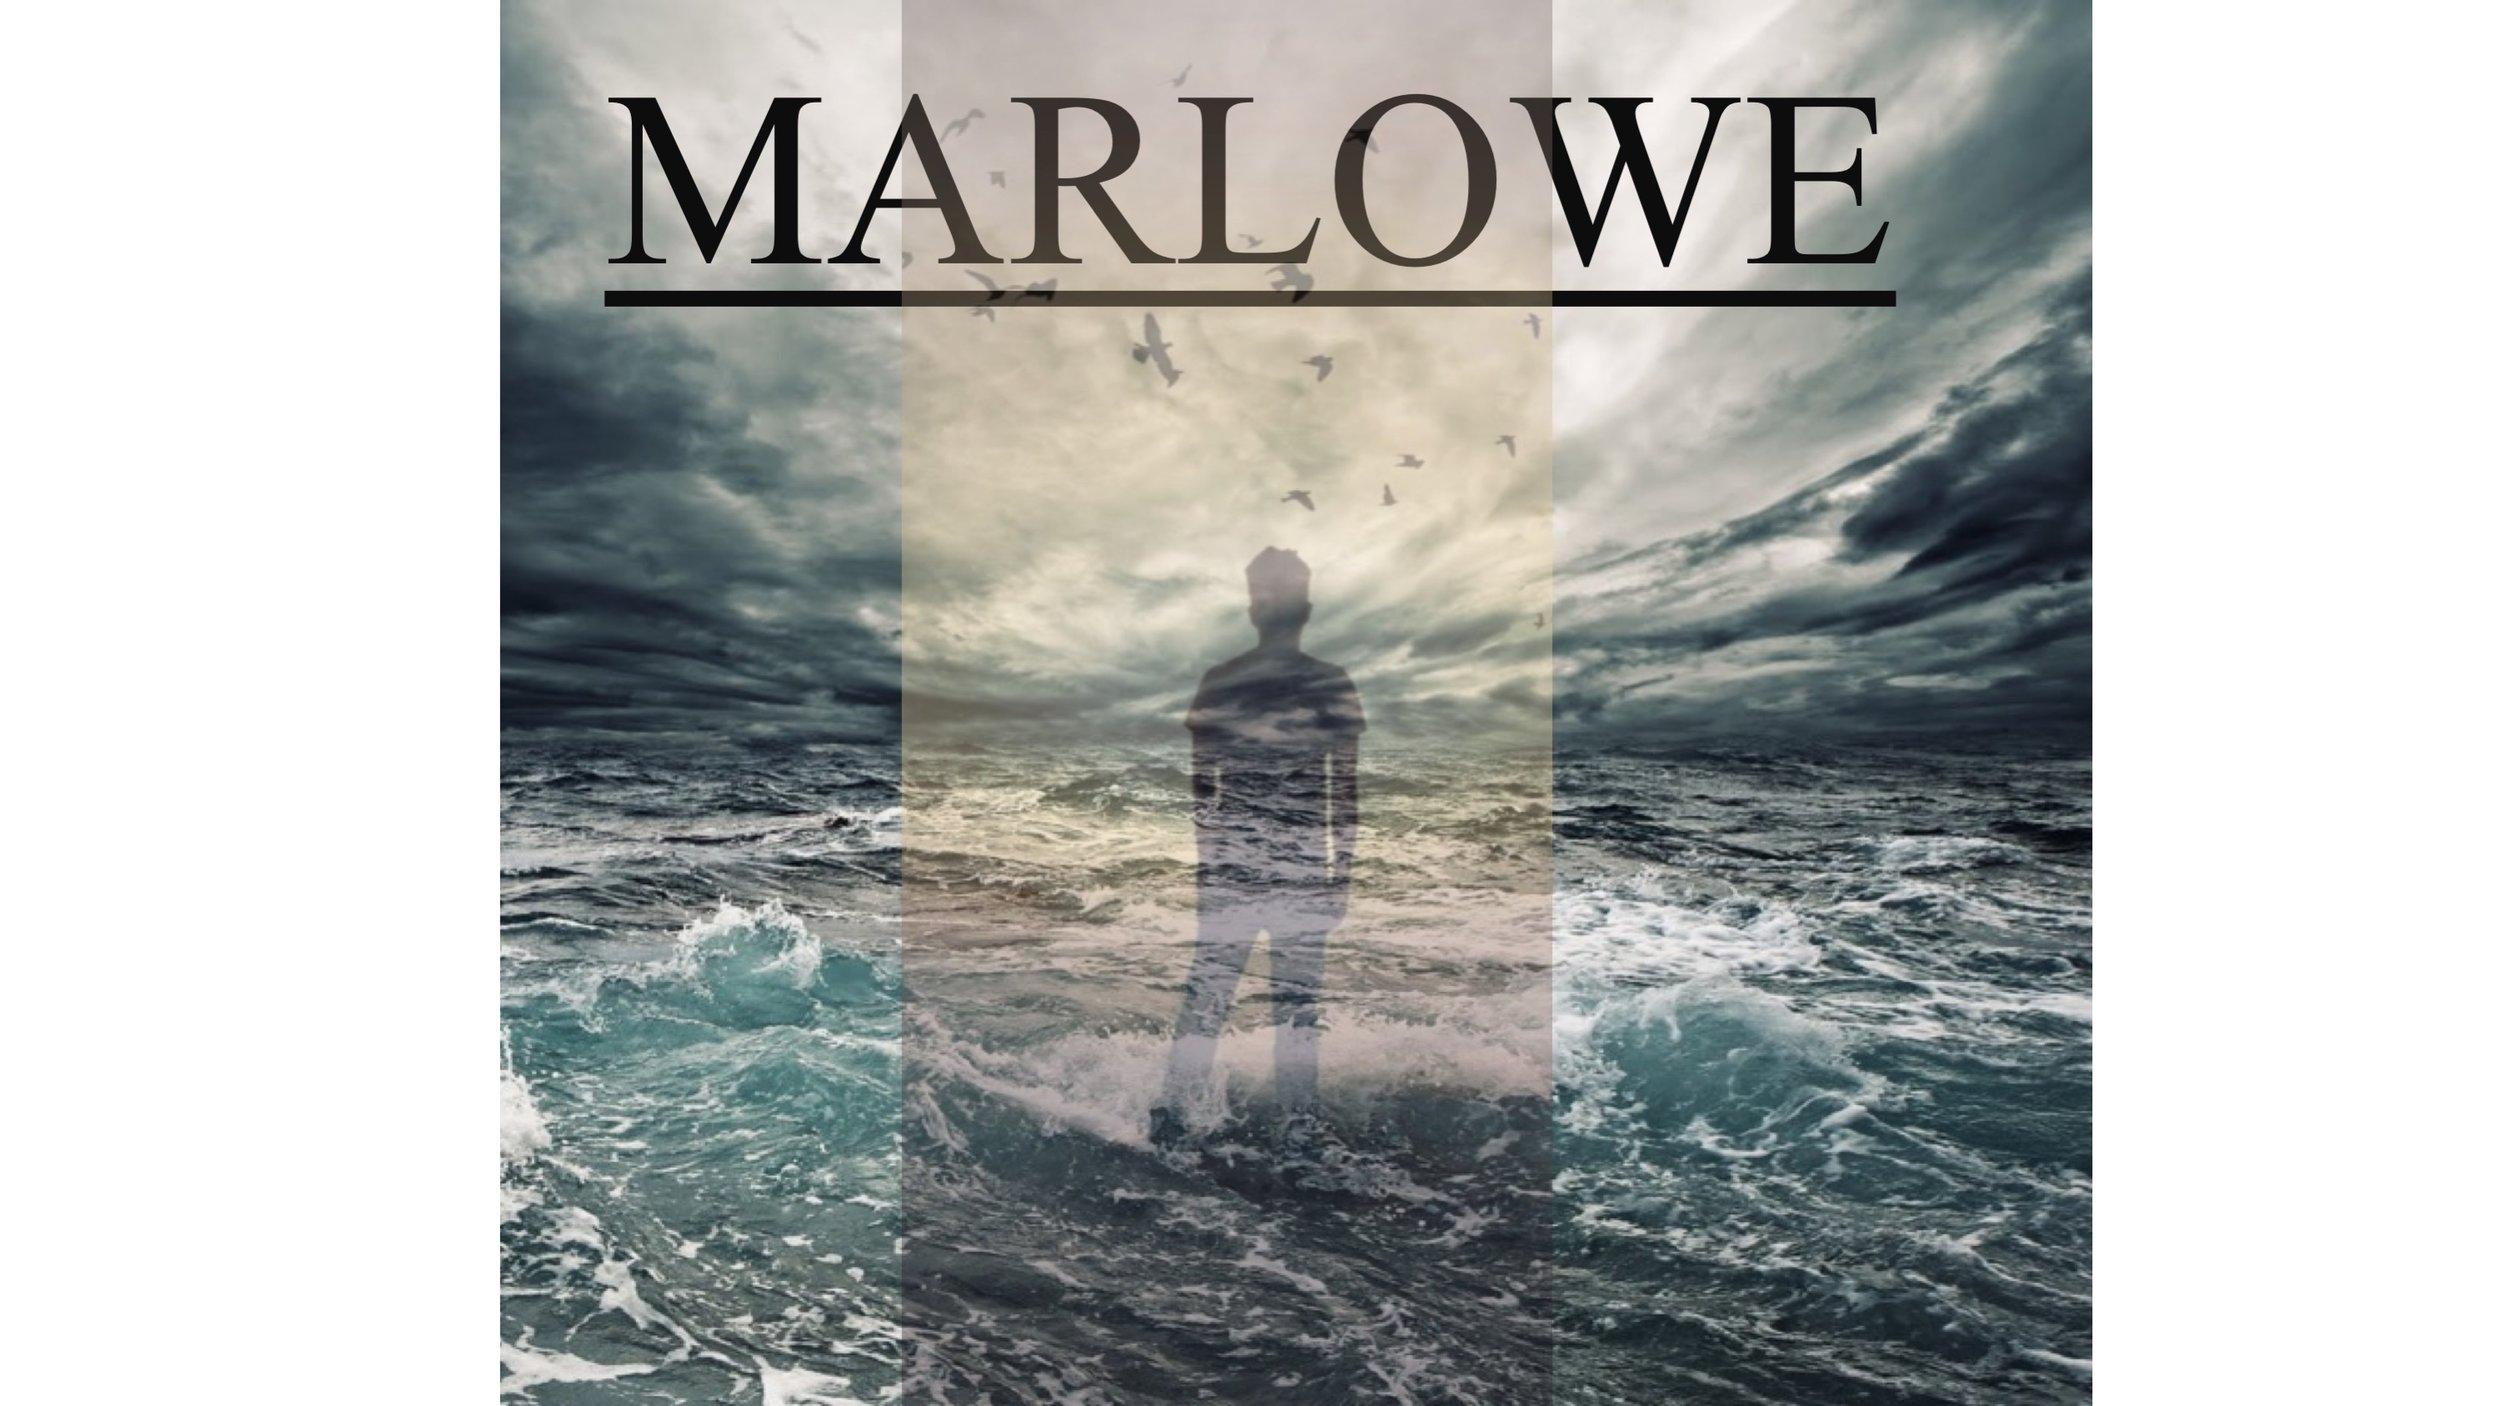 Marlowe 2018 Poster2.jpg